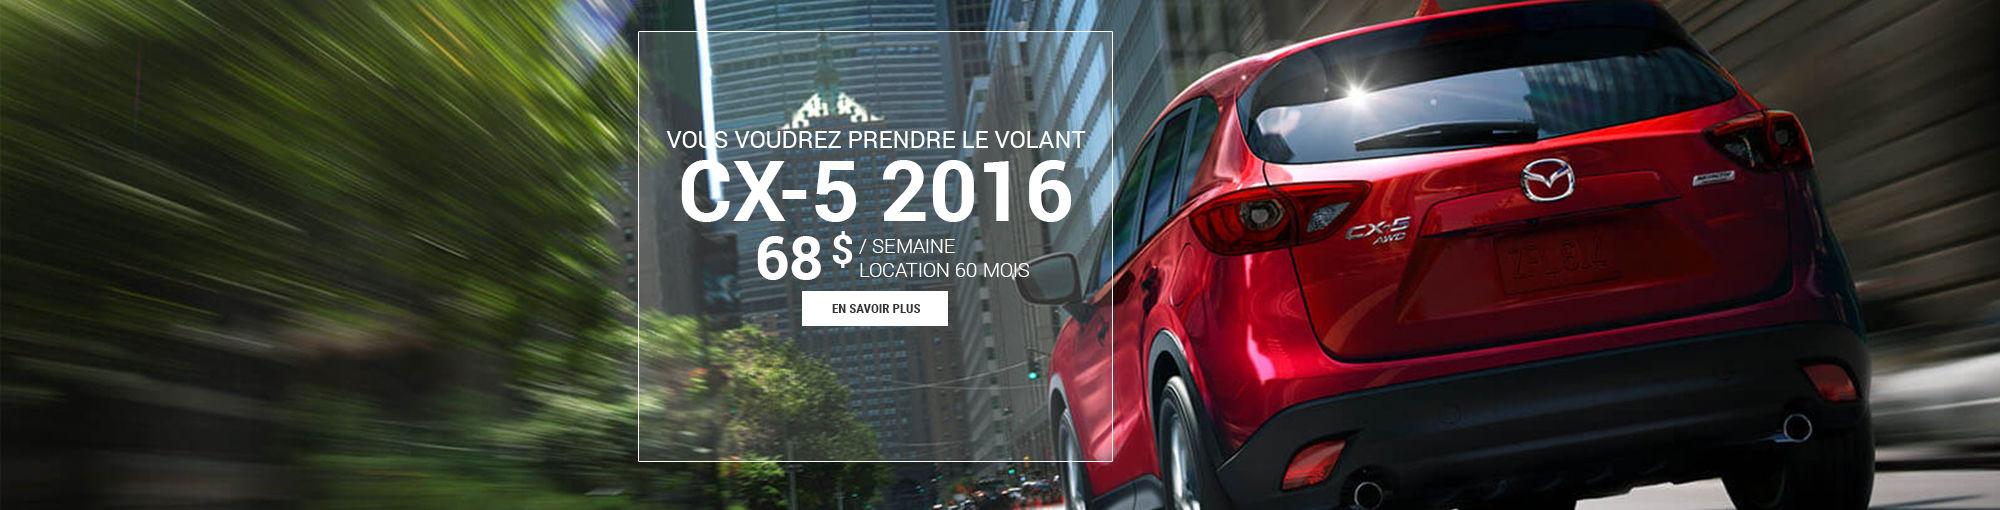 CX5 2016 - juillet 2016